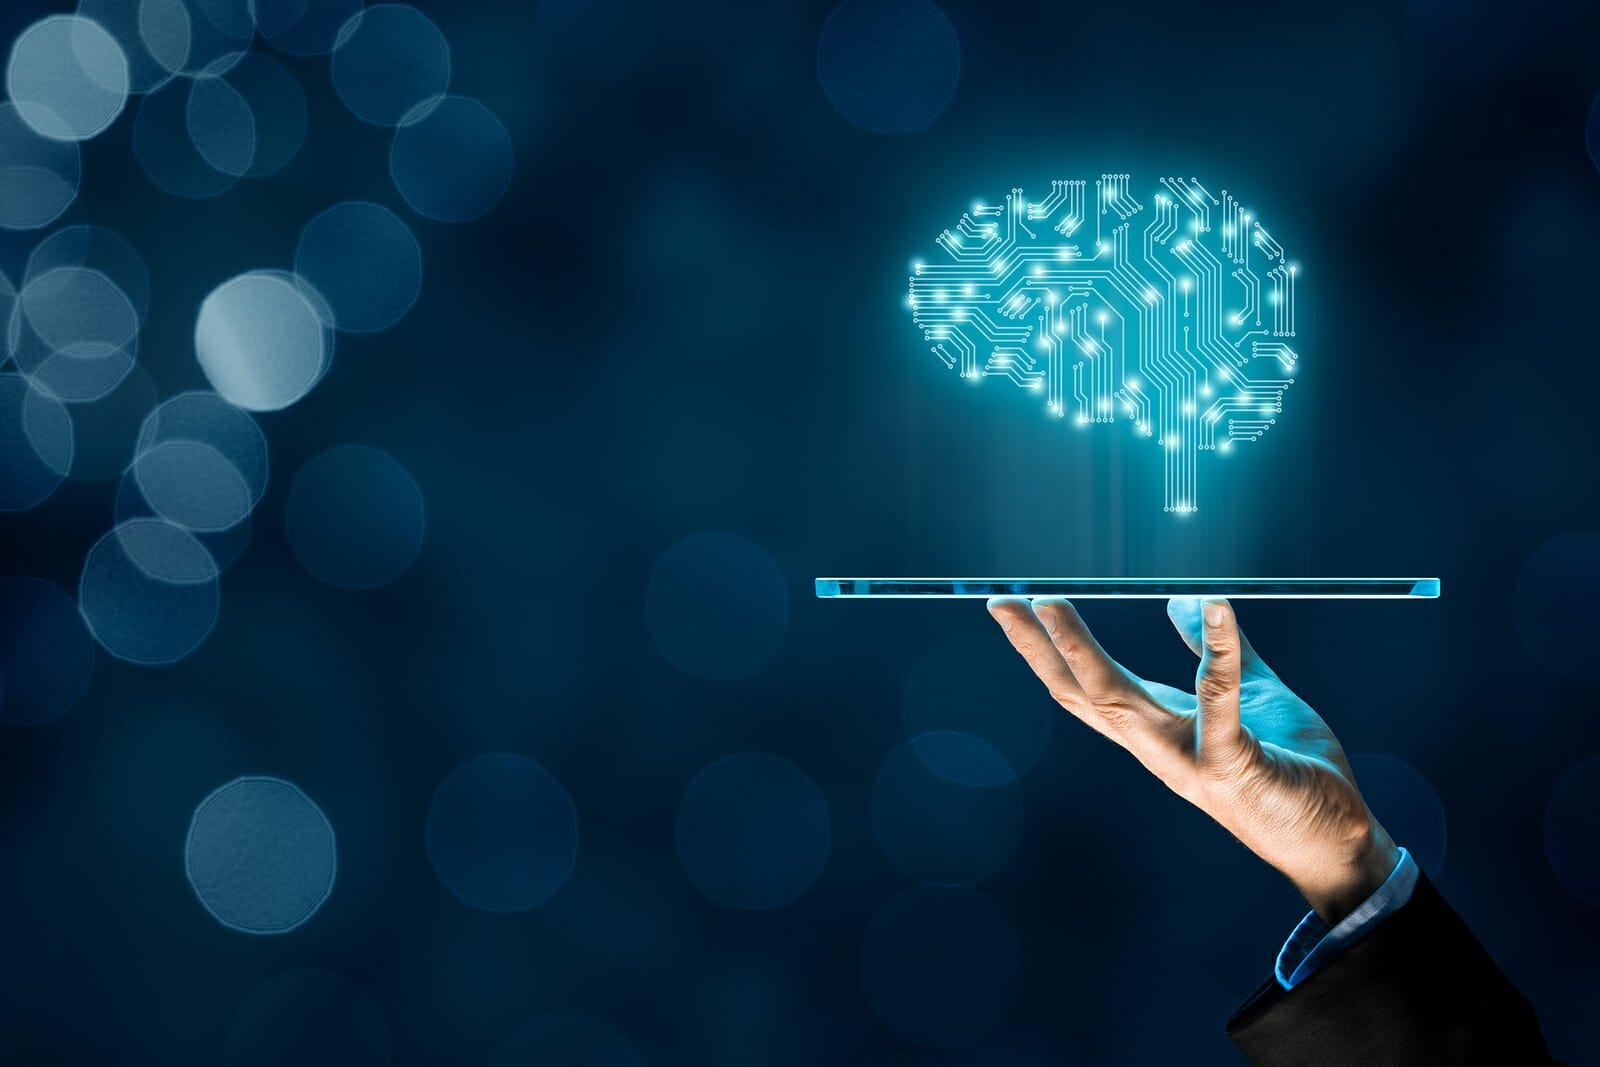 هوش-تجاری-آینده-نگری